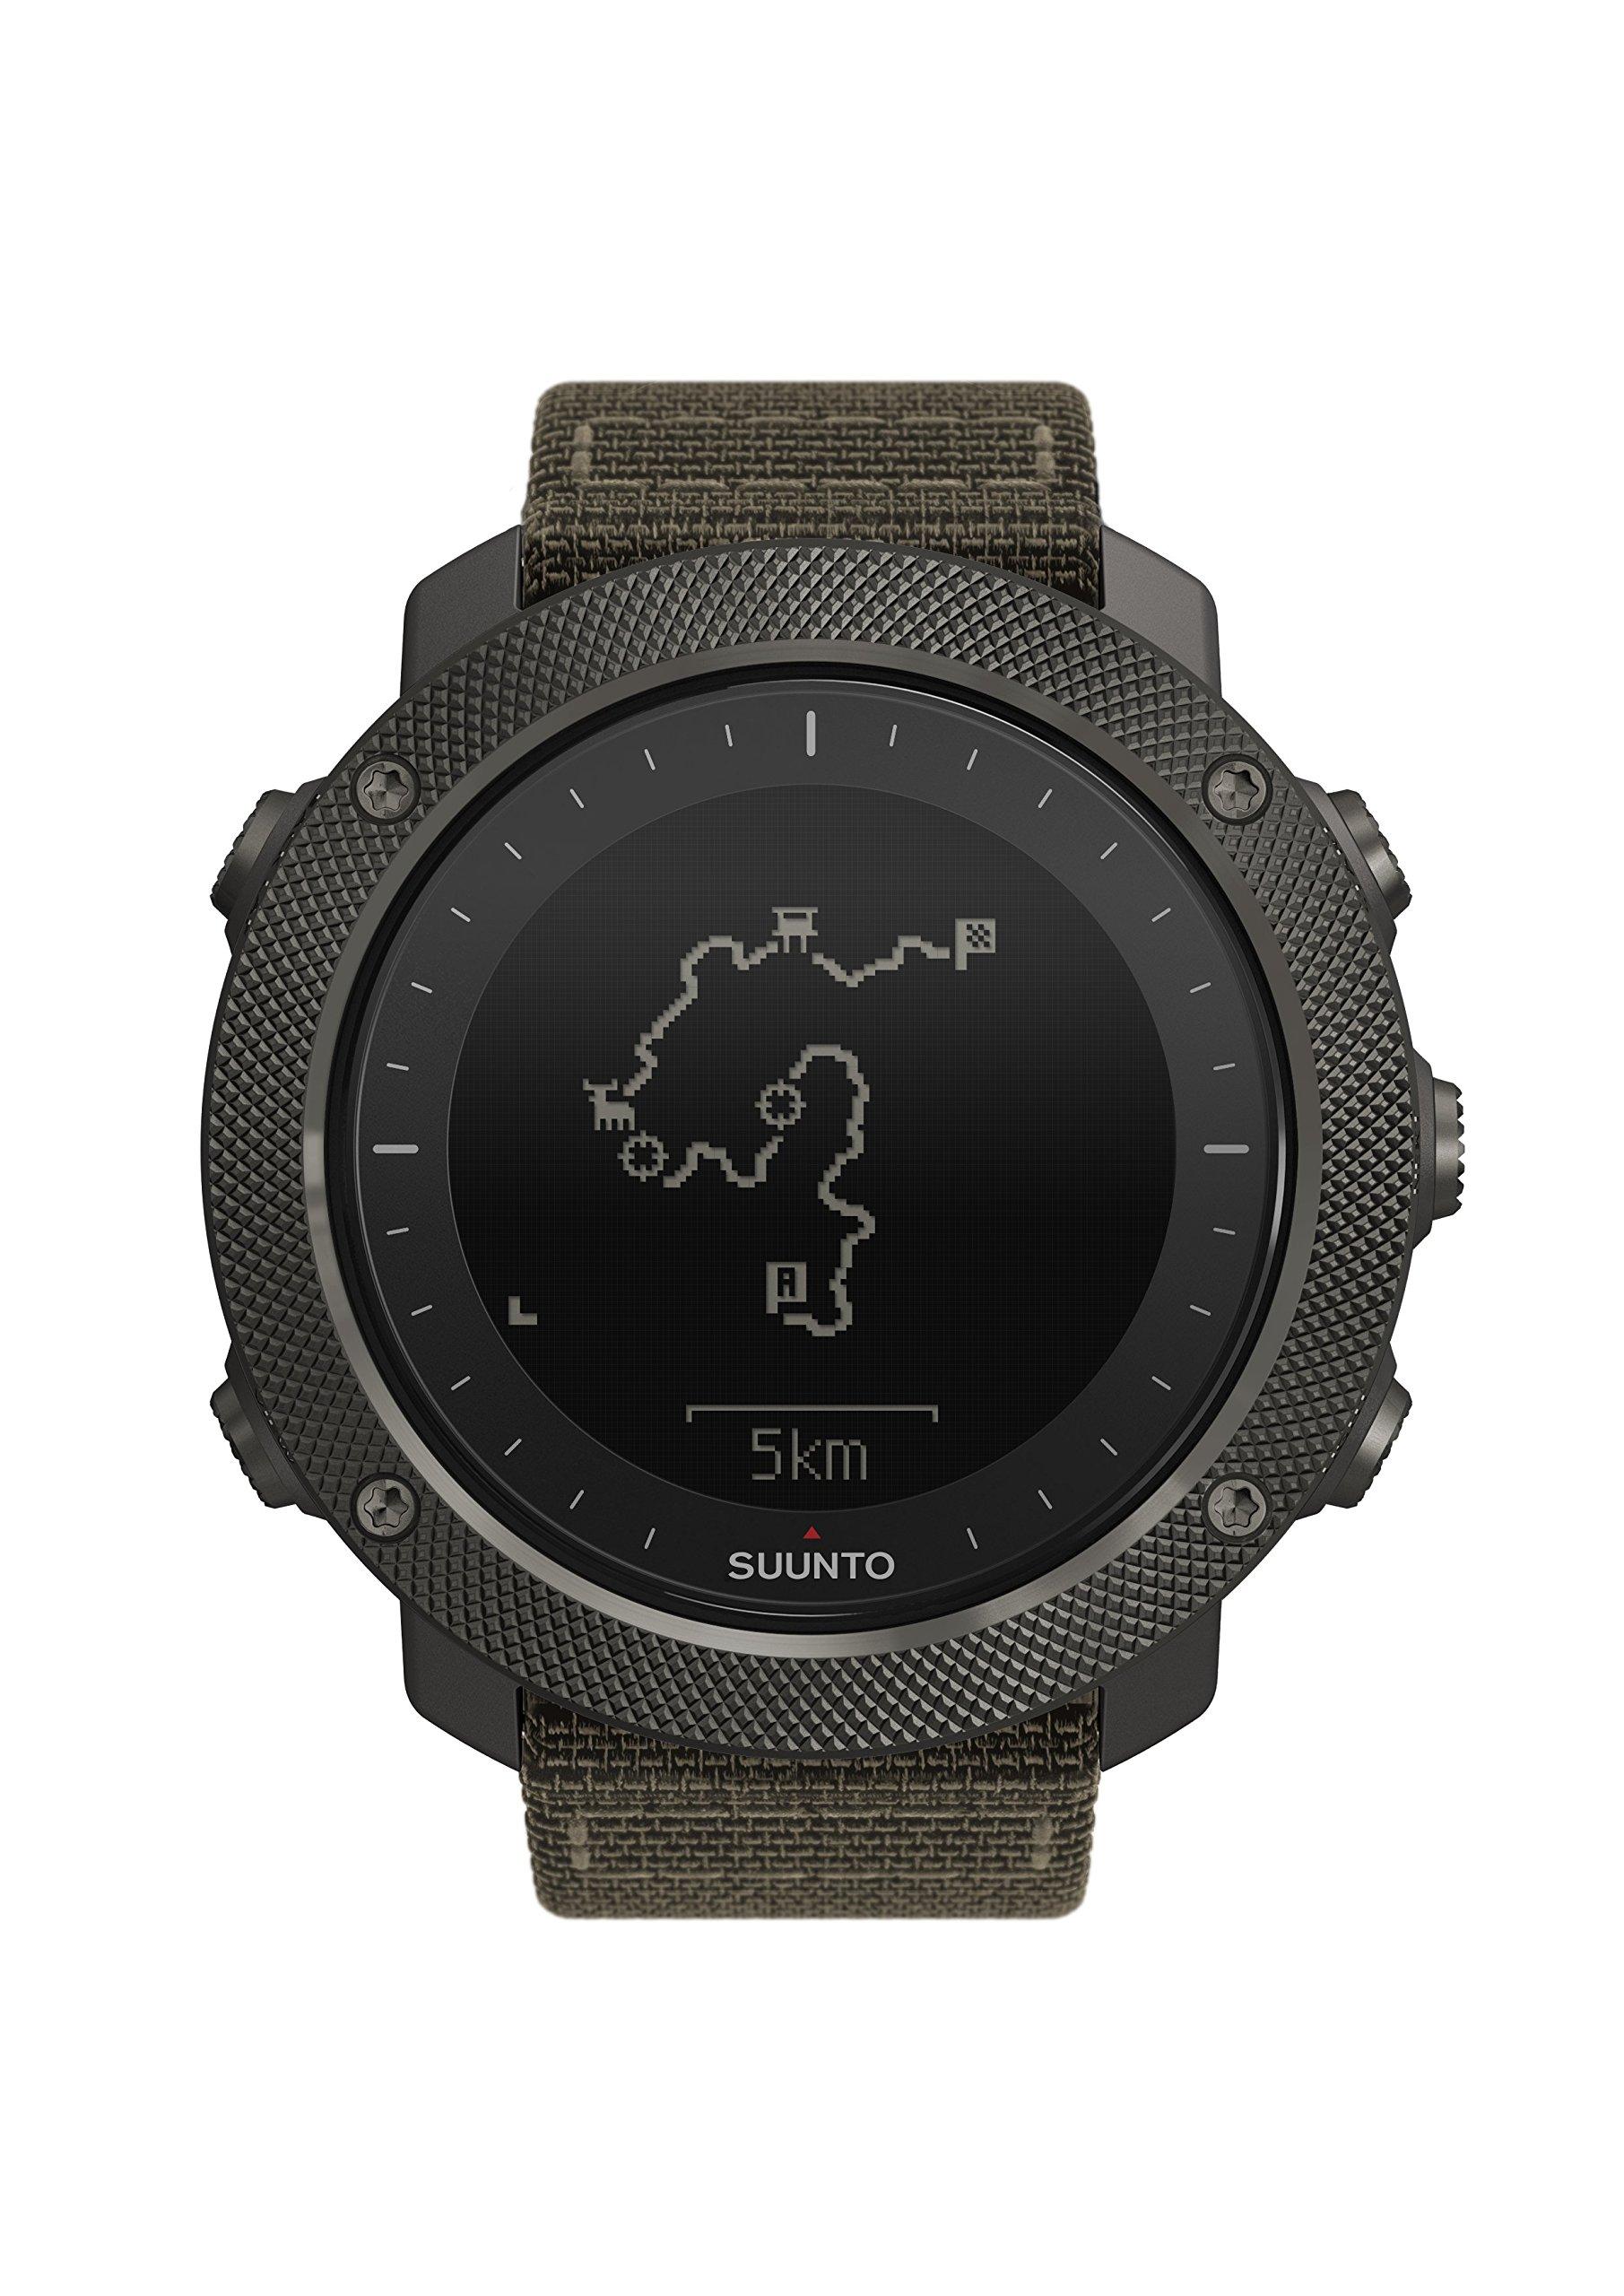 ec66a1d5a Mejor valorados en GPS de mano & Opiniones útiles de nuestros ...